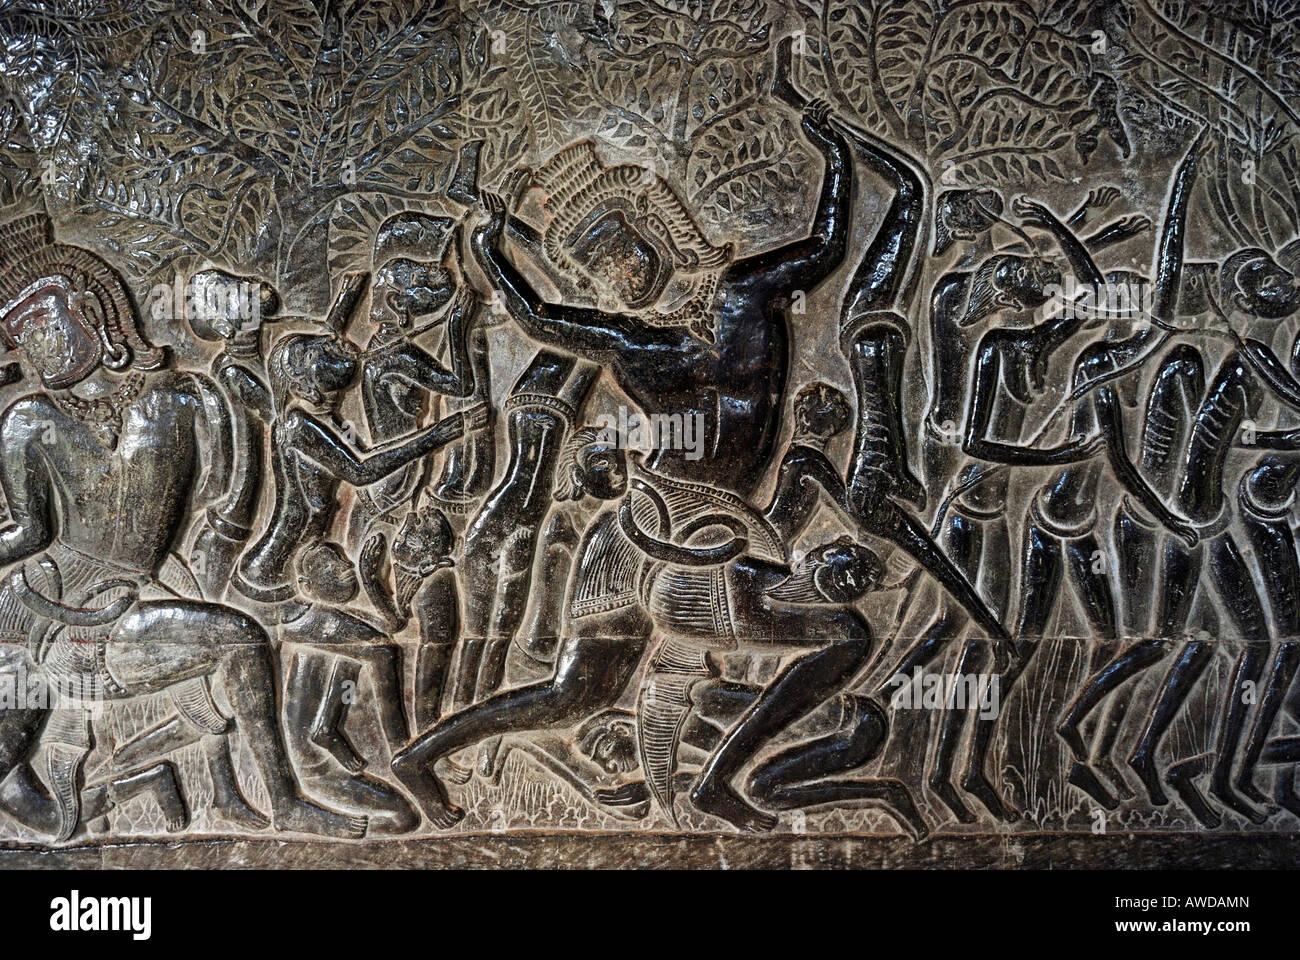 Bas-relief montrant une scène dans l'enfer comme hinduistic raconte la mythologie, temple d'Angkor Photo Stock